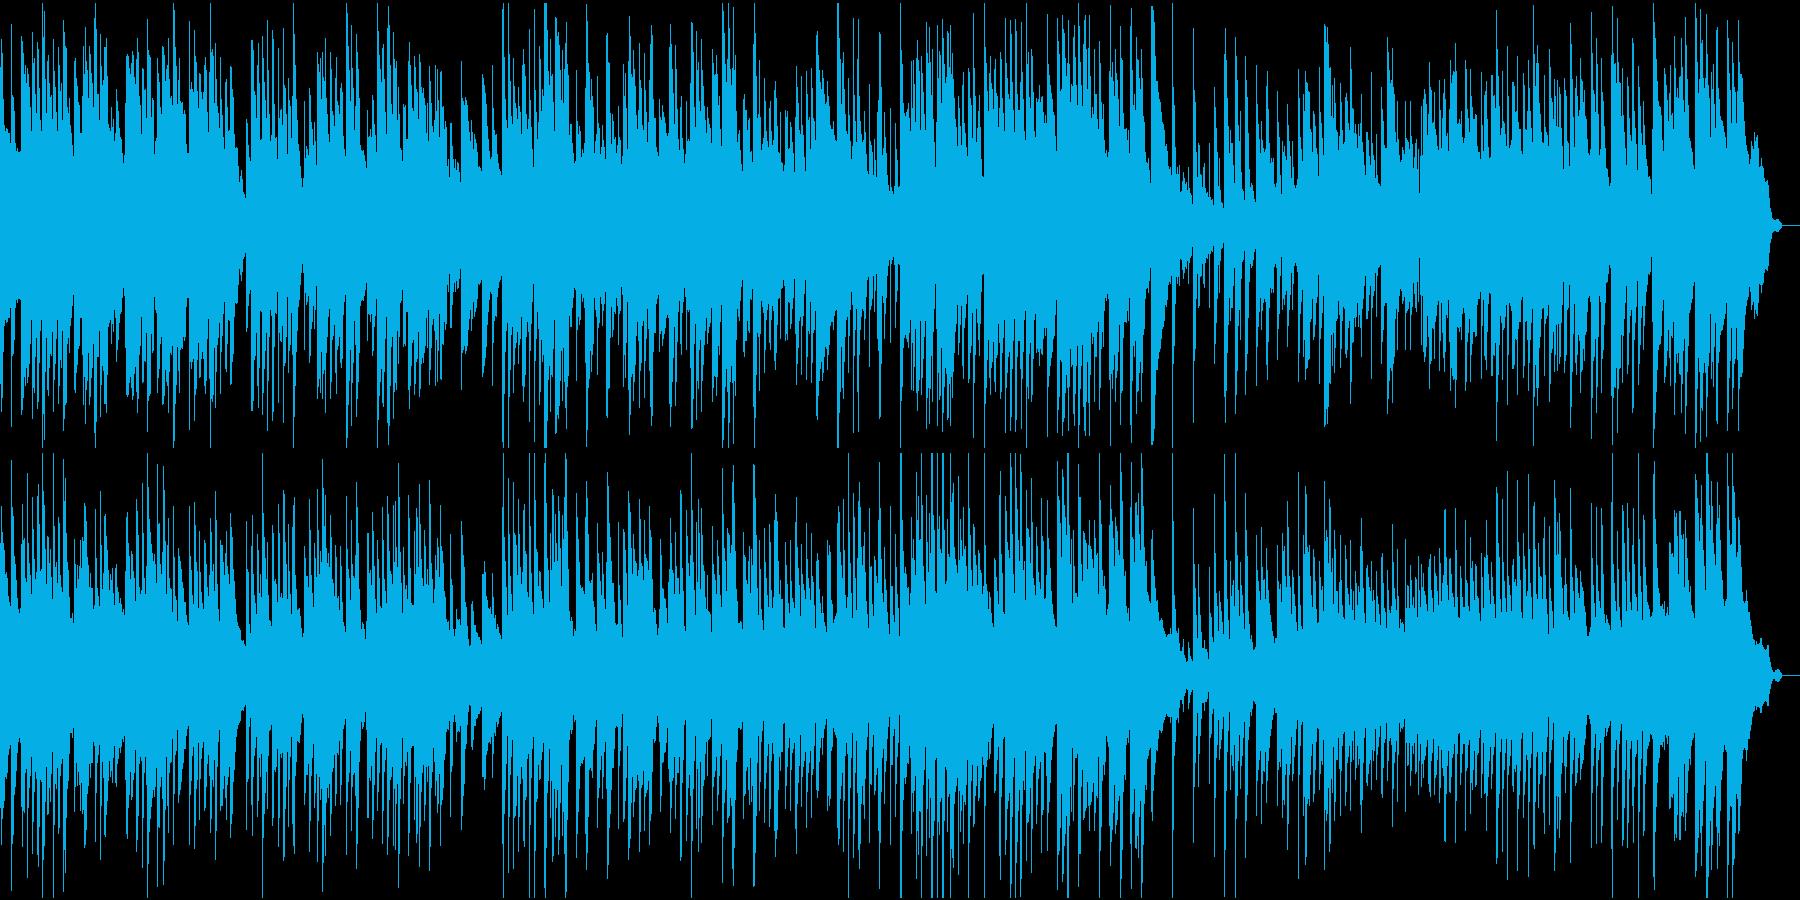 日本的な和風ピアノ・ソロ楽曲。約2分半の再生済みの波形